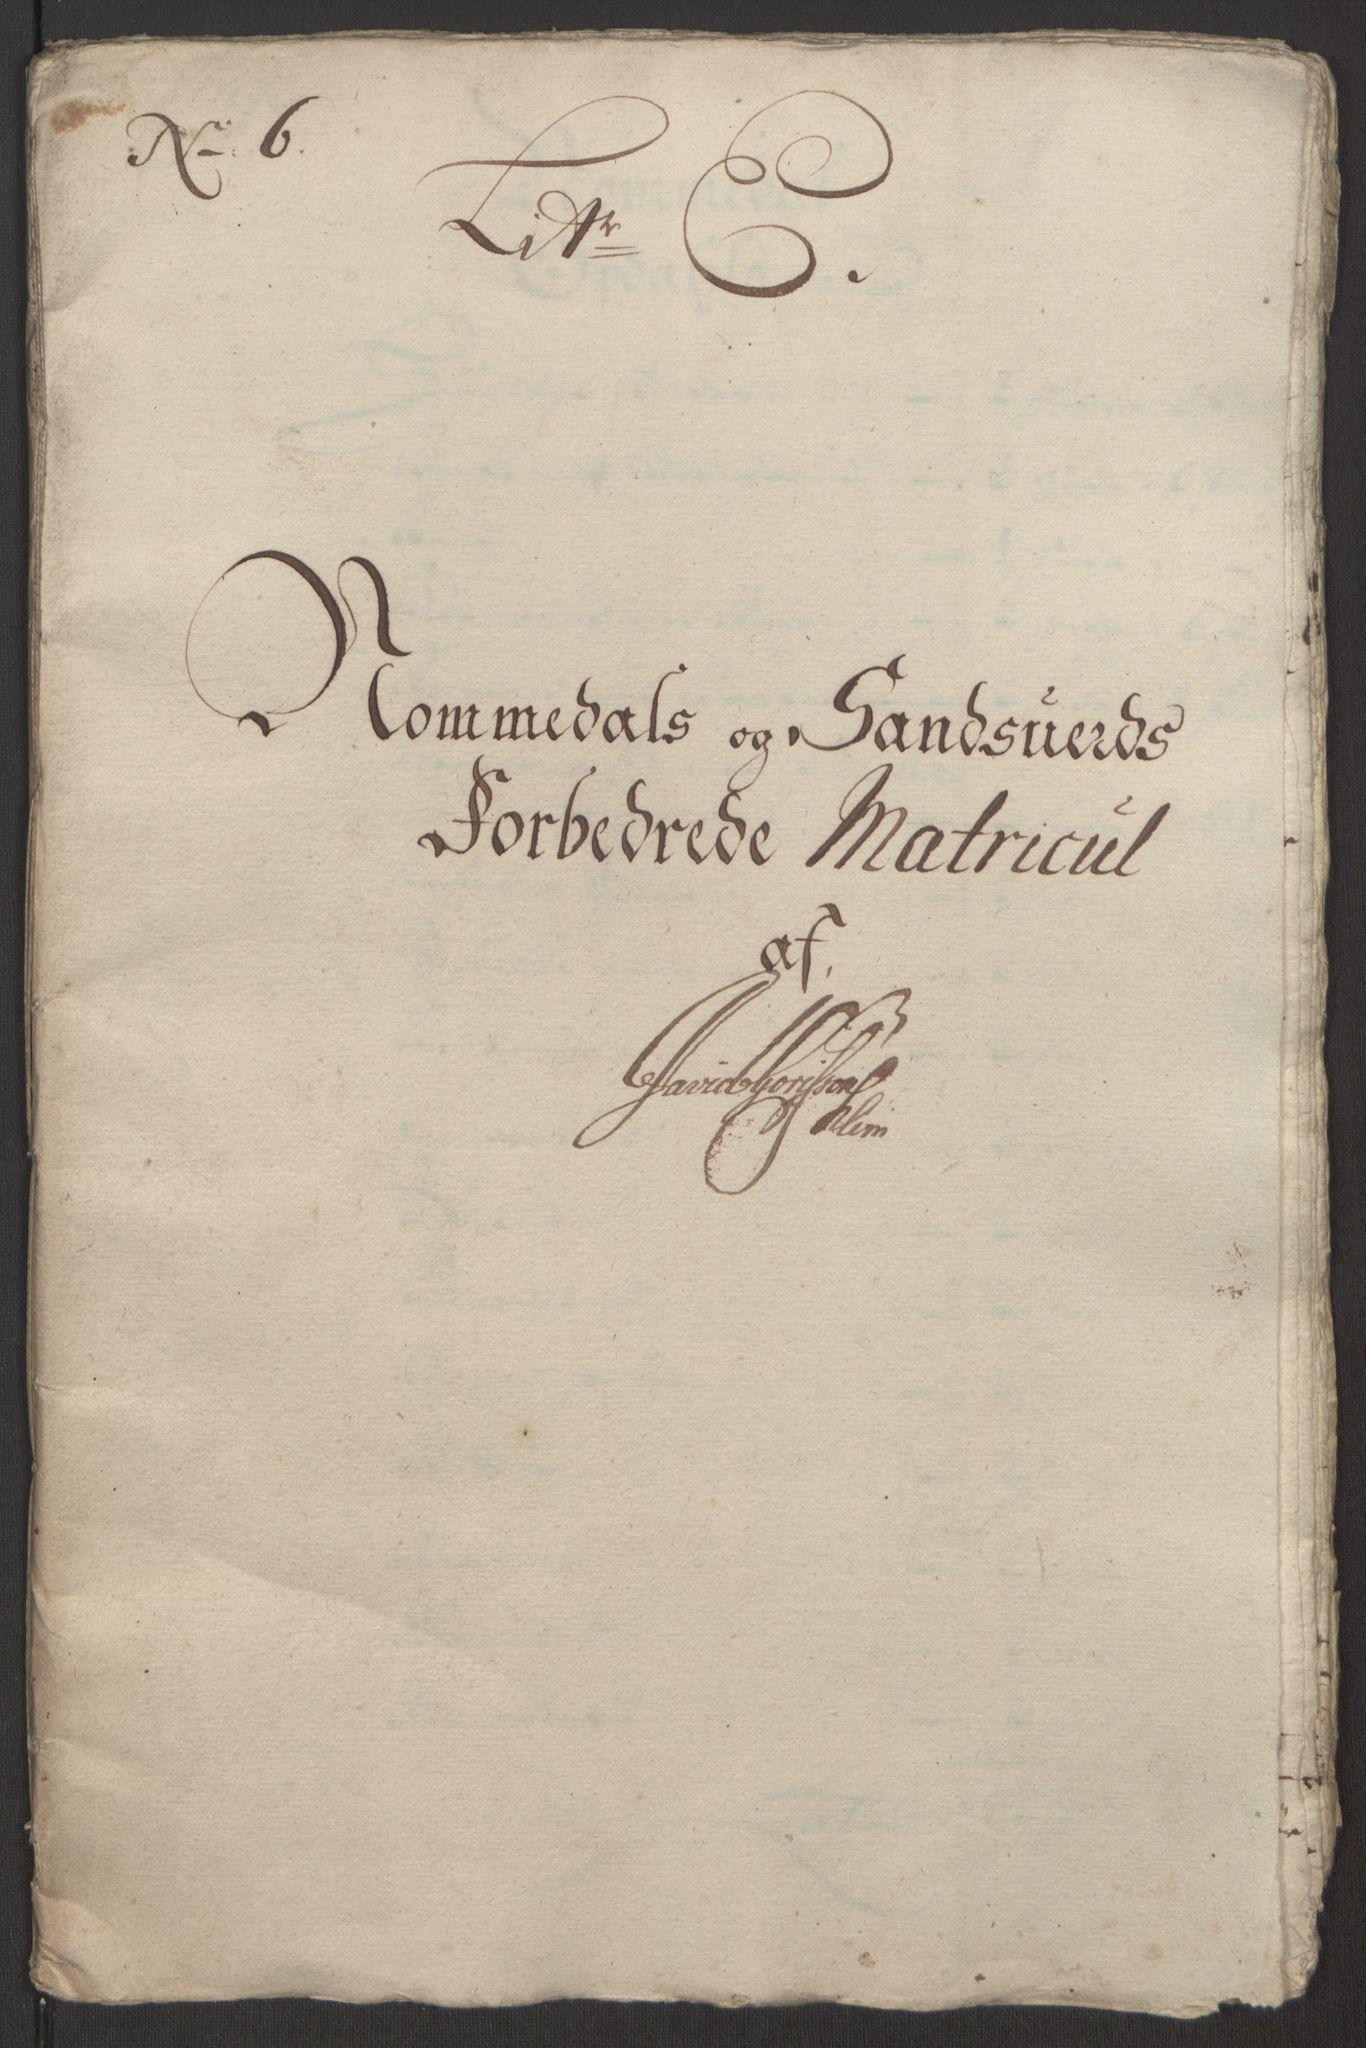 RA, Rentekammeret inntil 1814, Reviderte regnskaper, Fogderegnskap, R24/L1575: Fogderegnskap Numedal og Sandsvær, 1692-1695, s. 70